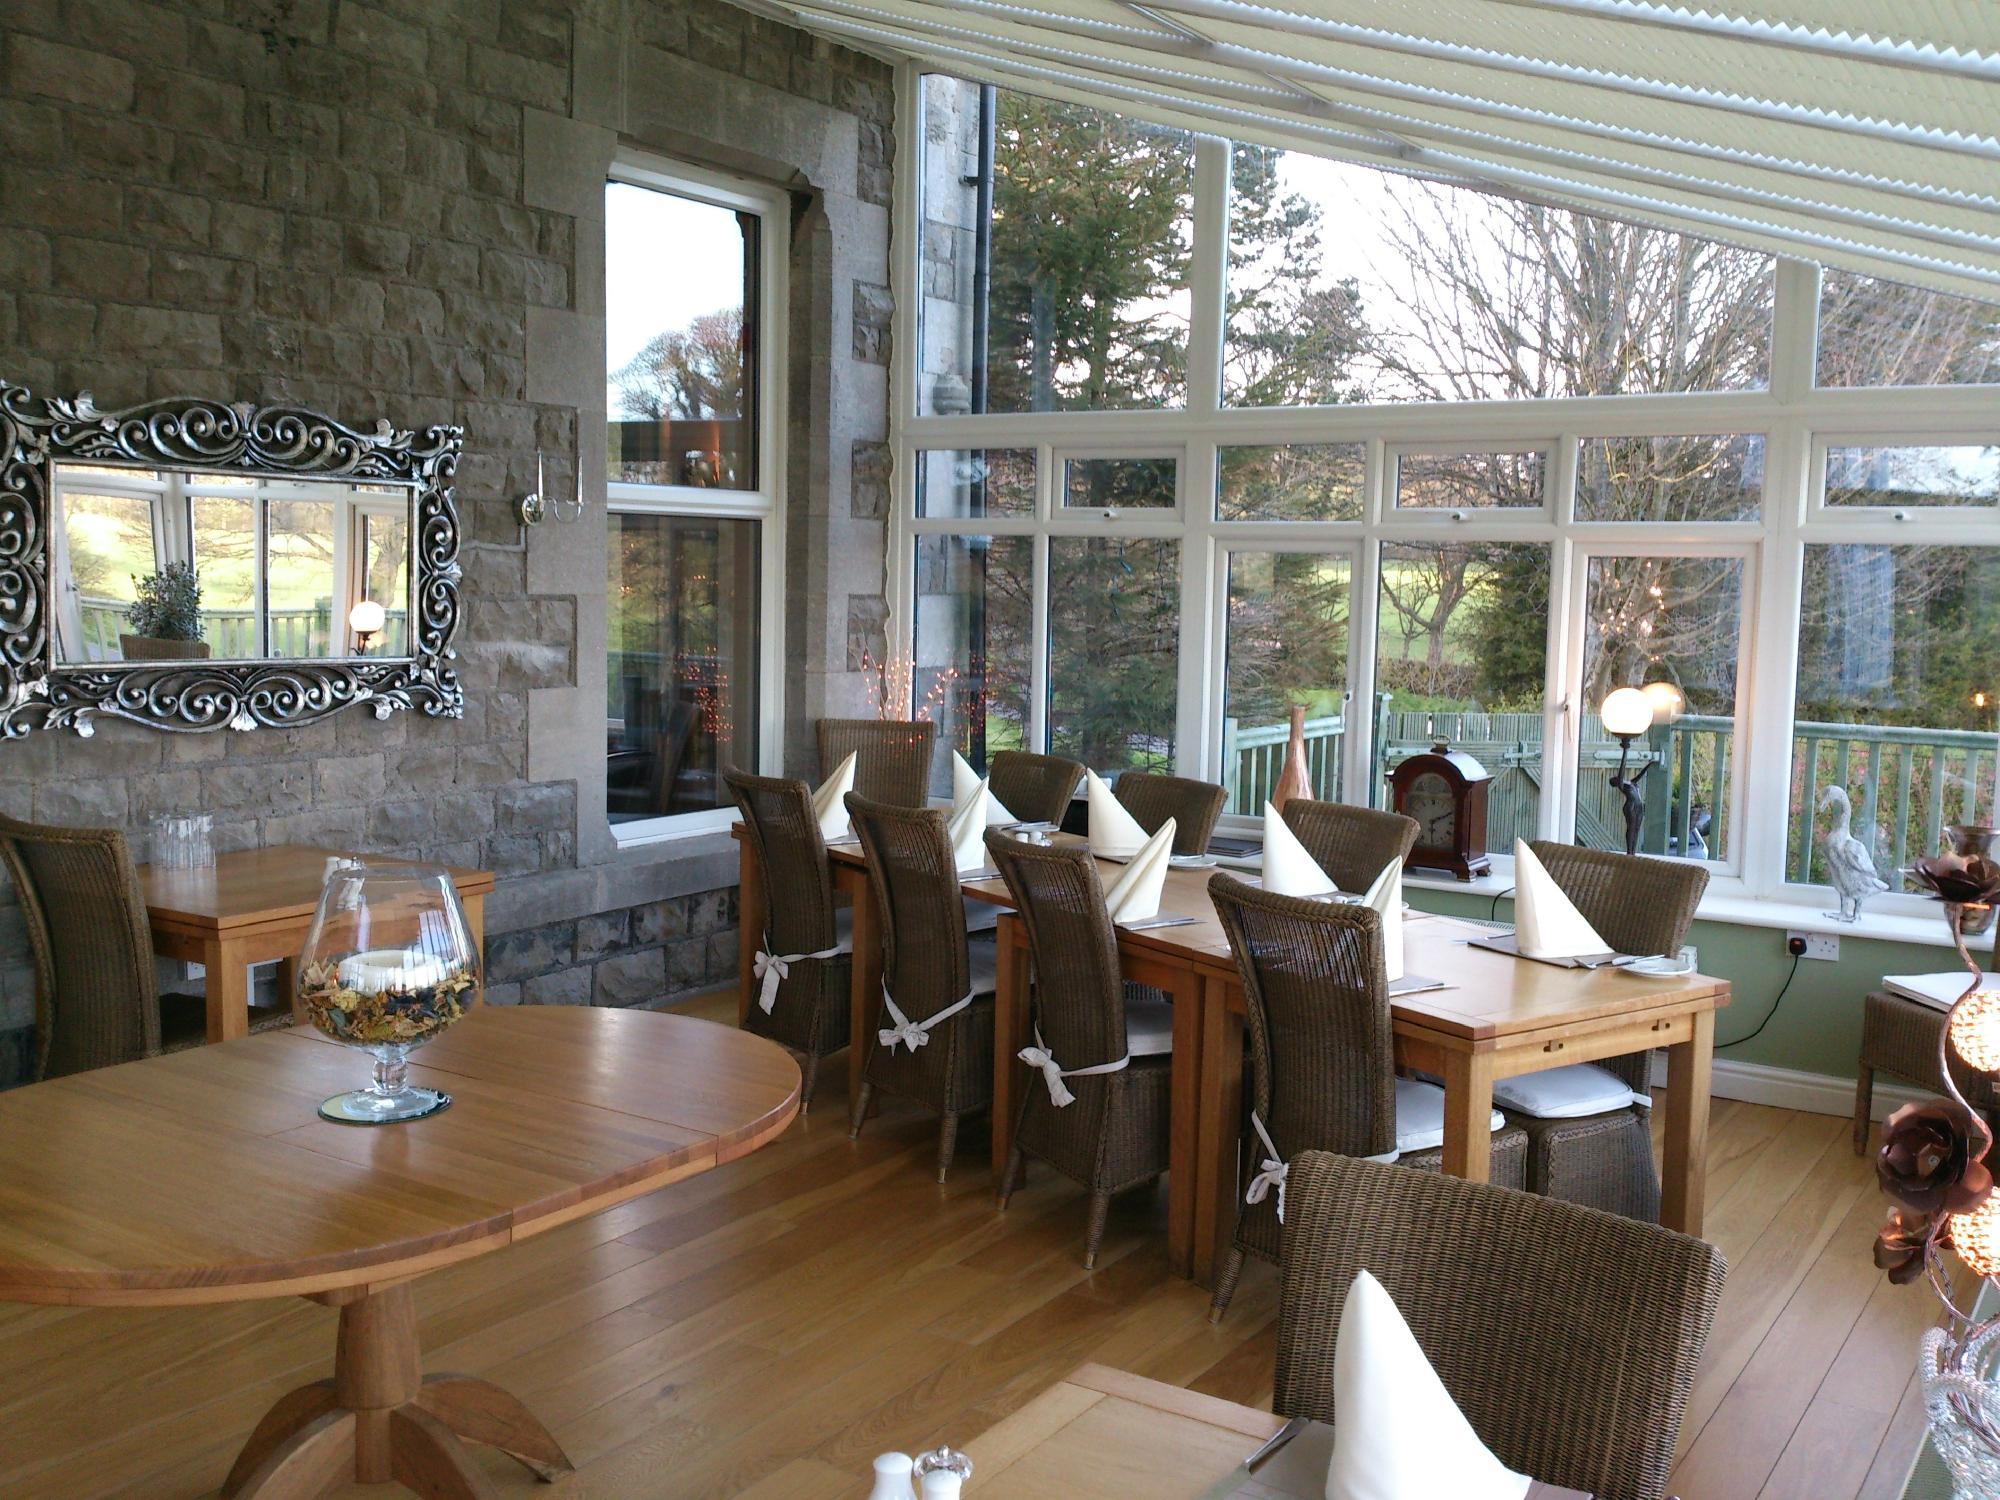 Eden Lodge Hotel & Restaurant